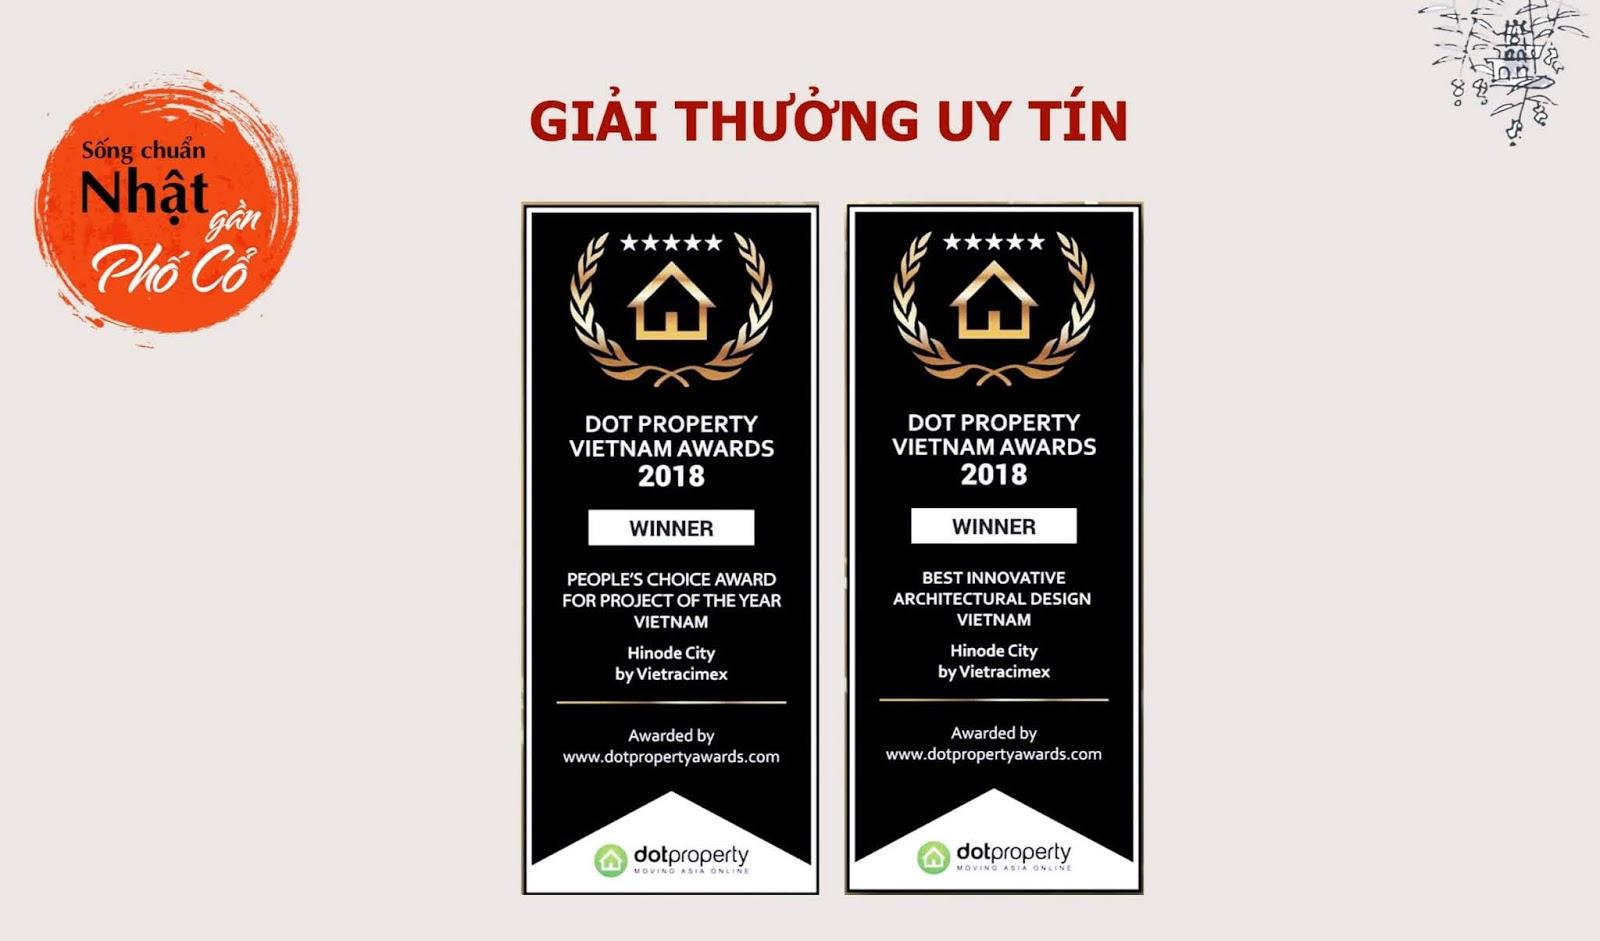 Giải thưởng bất động sản uy tín của Hinode City